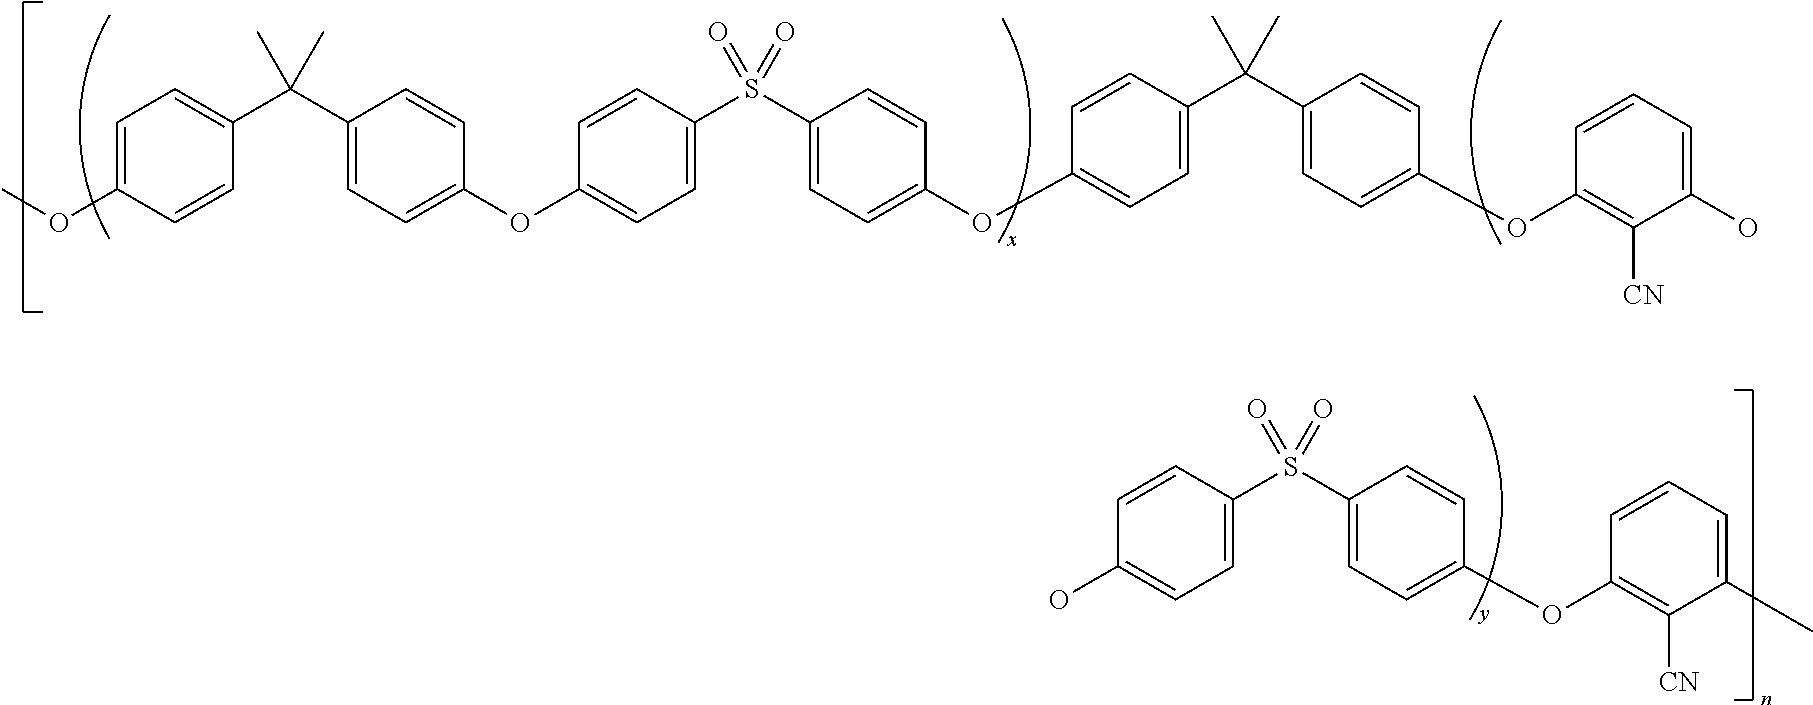 Figure US07977451-20110712-C00014